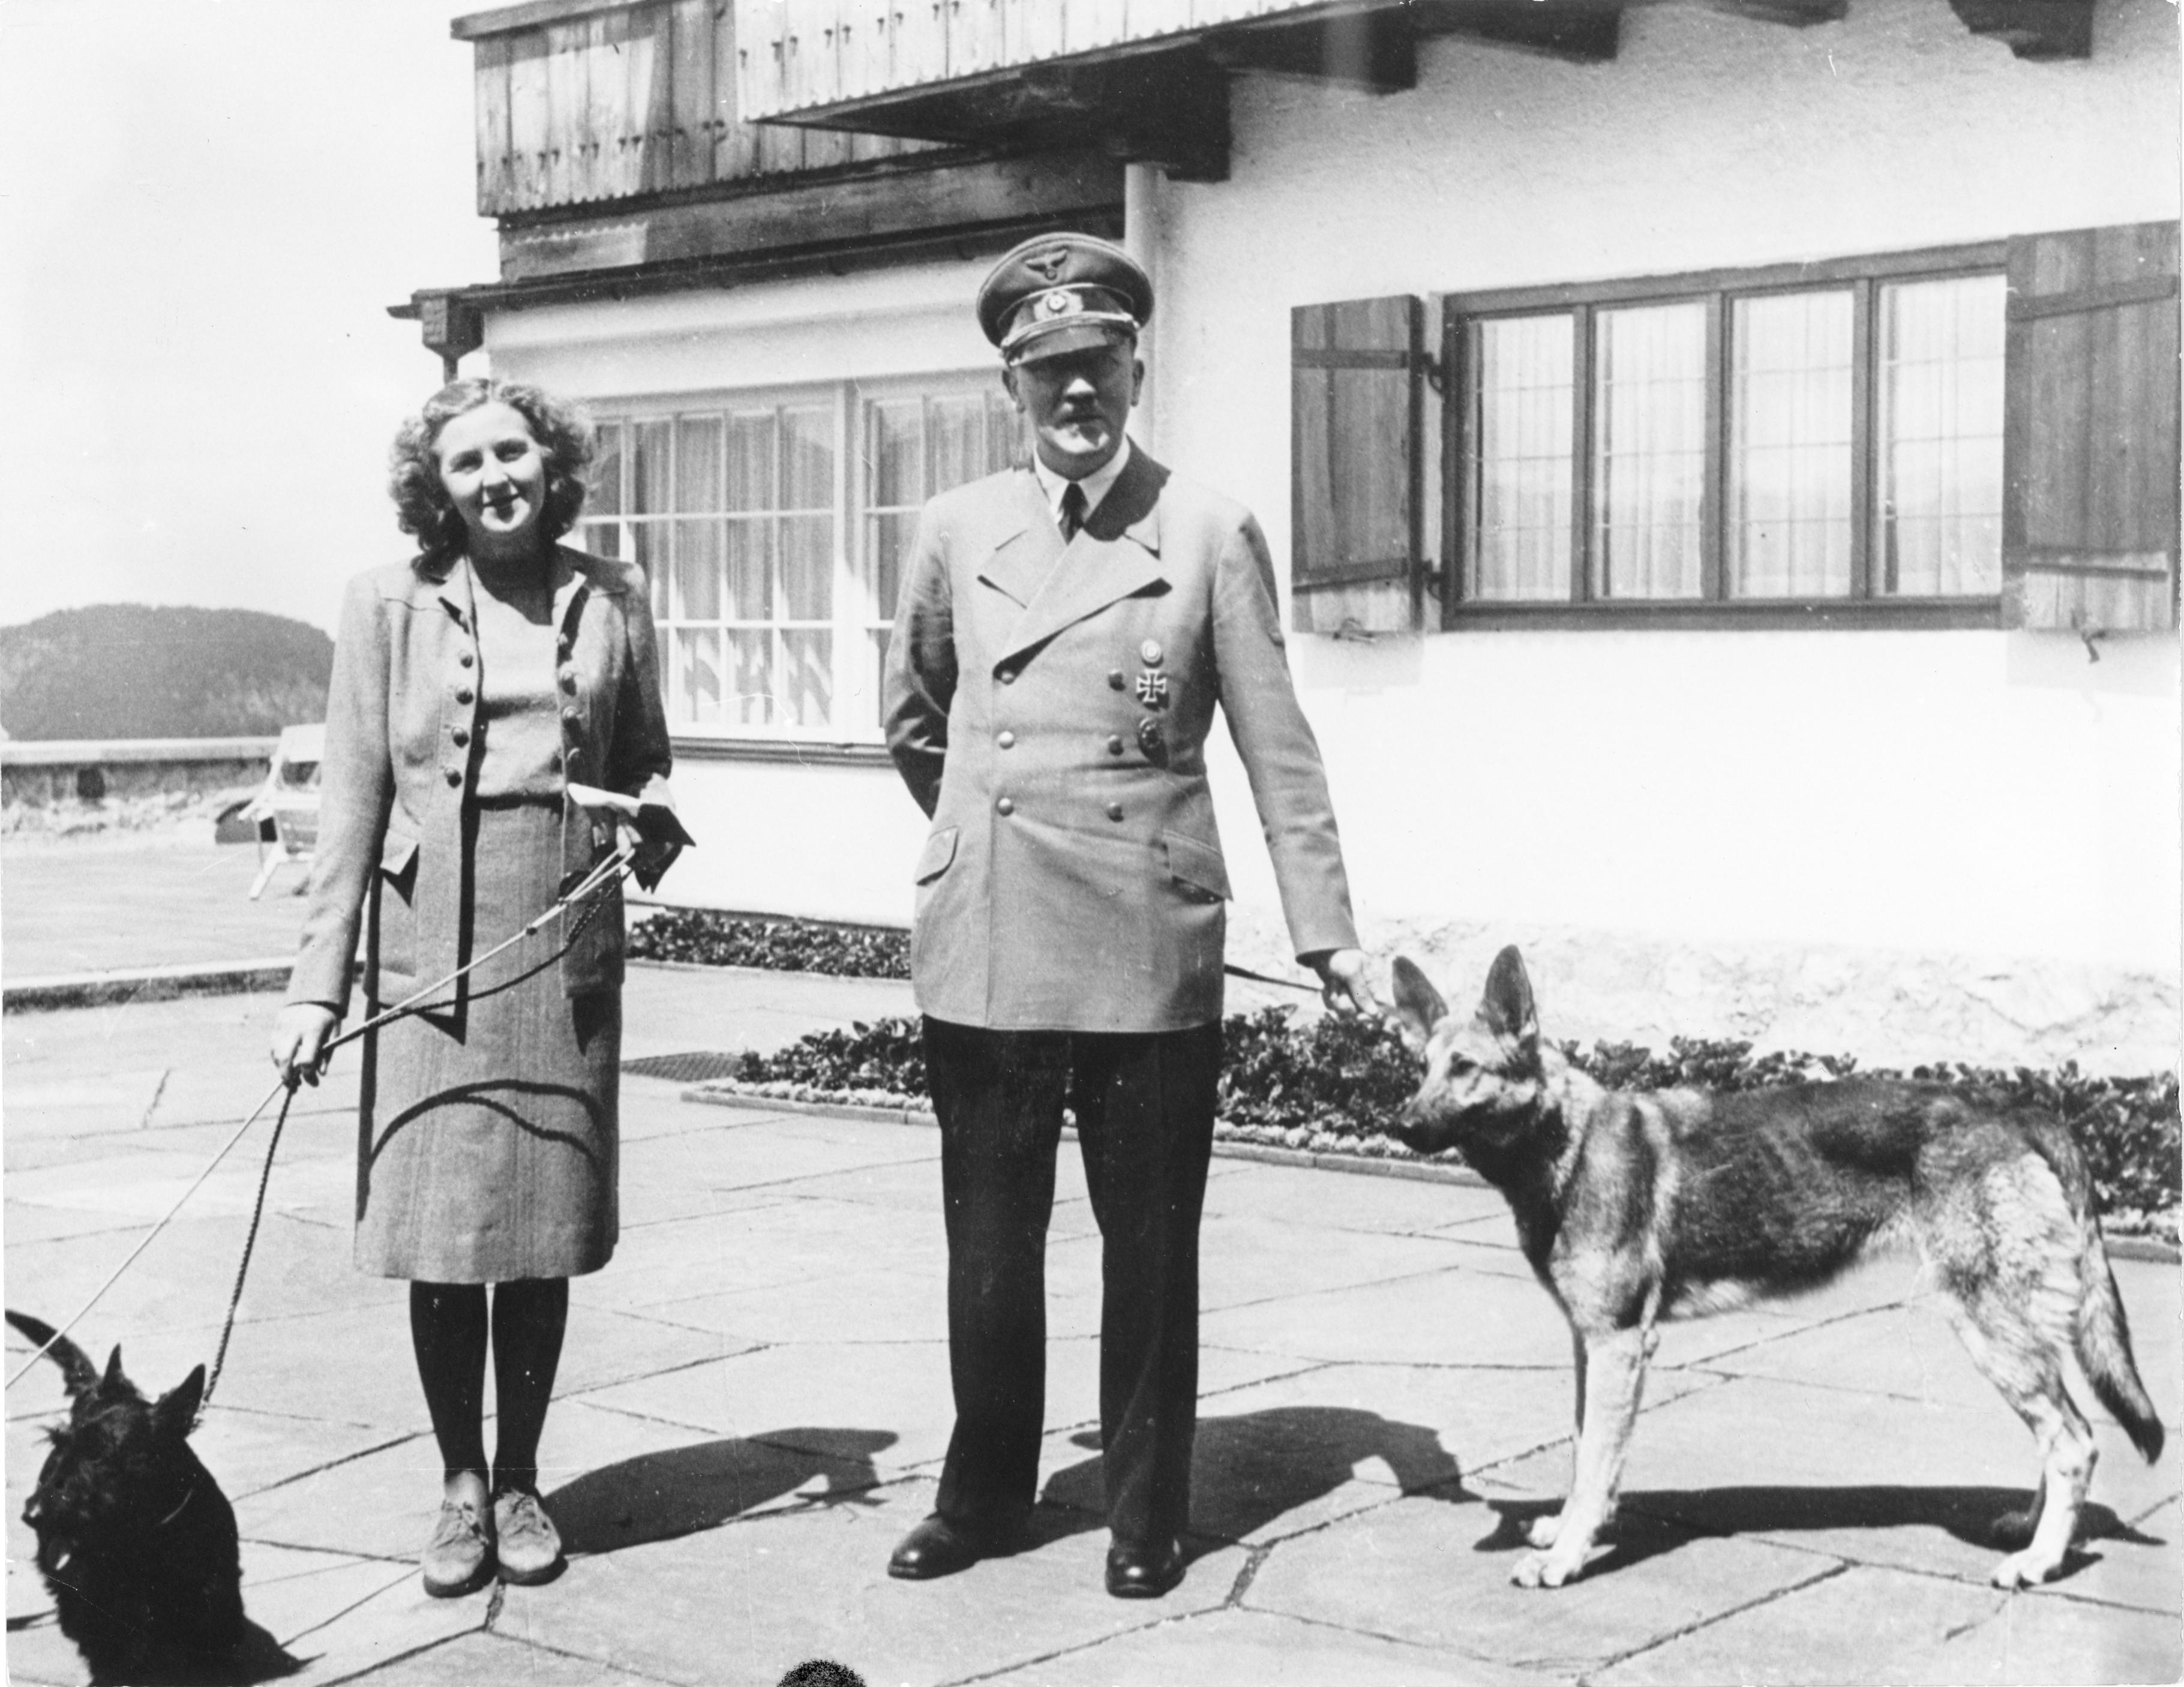 Bundesarchiv B 145 Bild-F051673-0059, Adolf Hitler und Eva Braun auf dem Berghof.jpg